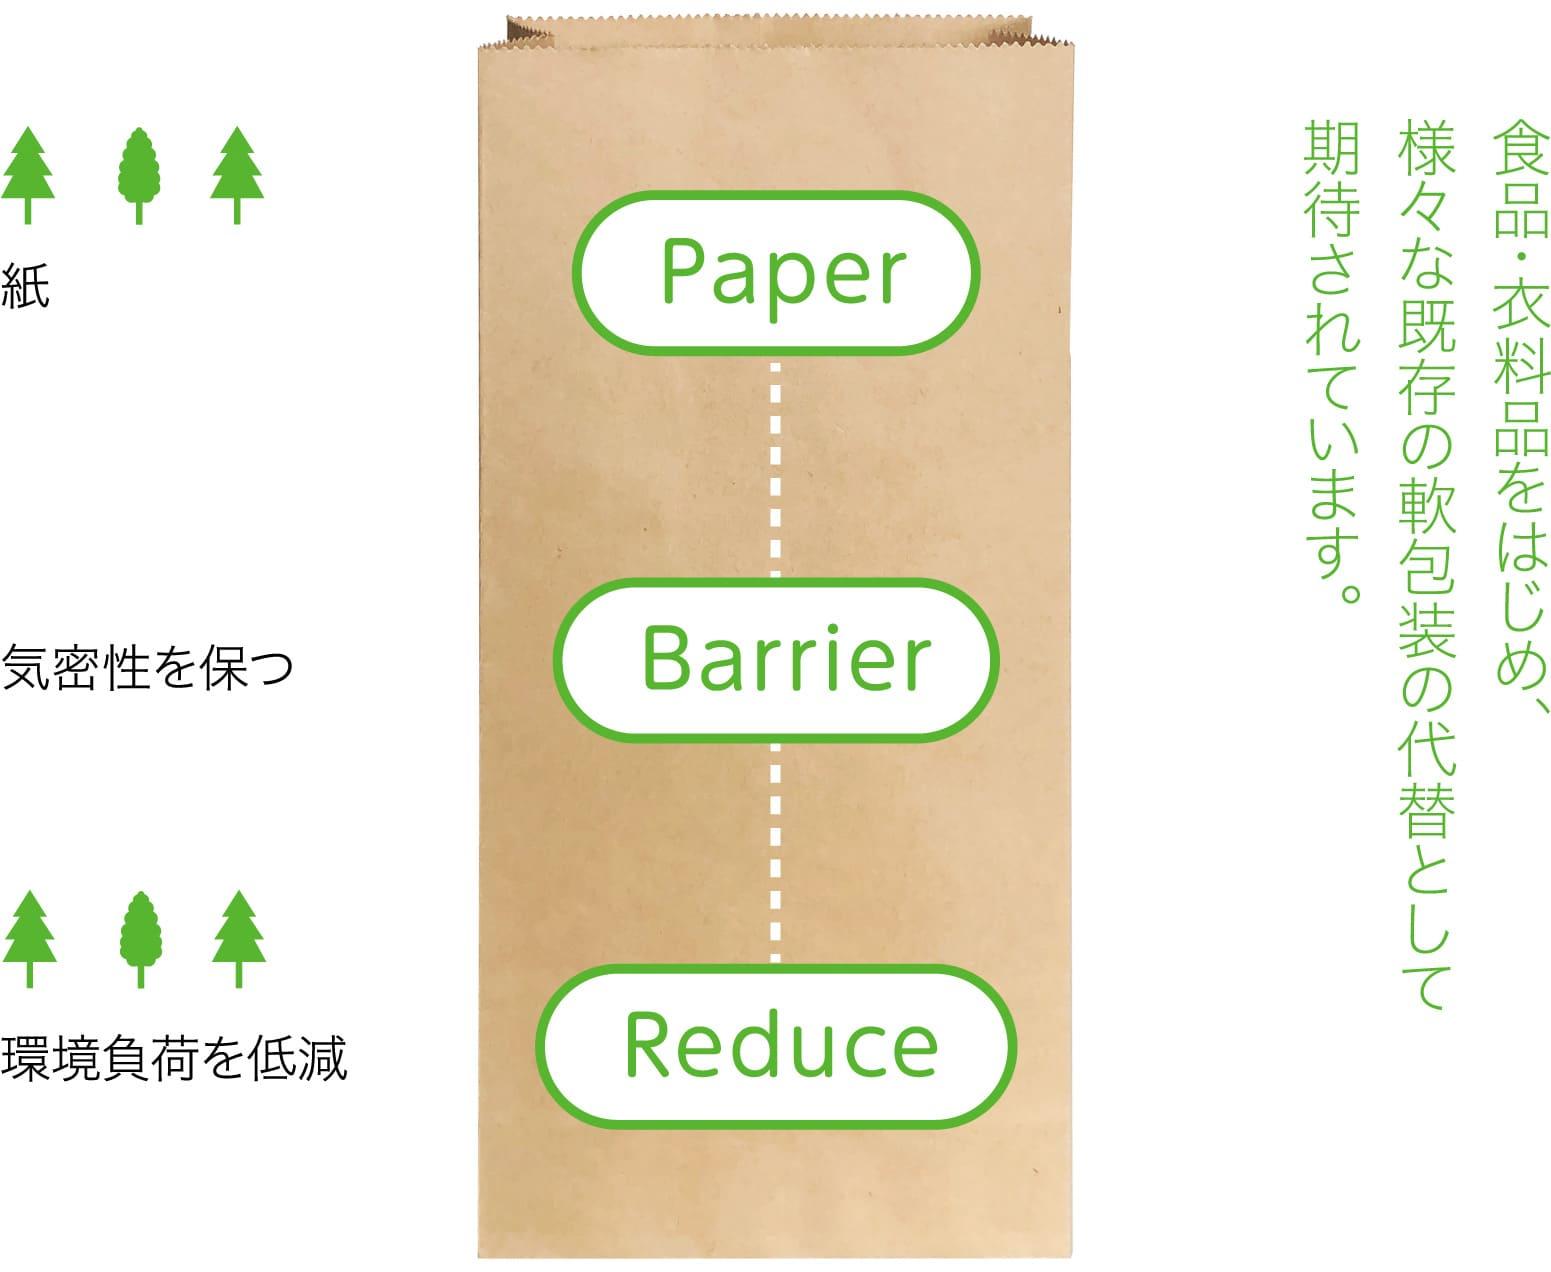 紙 気密性を保つ 環境負荷を低減 食品・衣料品をはじめ、様々な既存の軟包装の代替として期待されています。